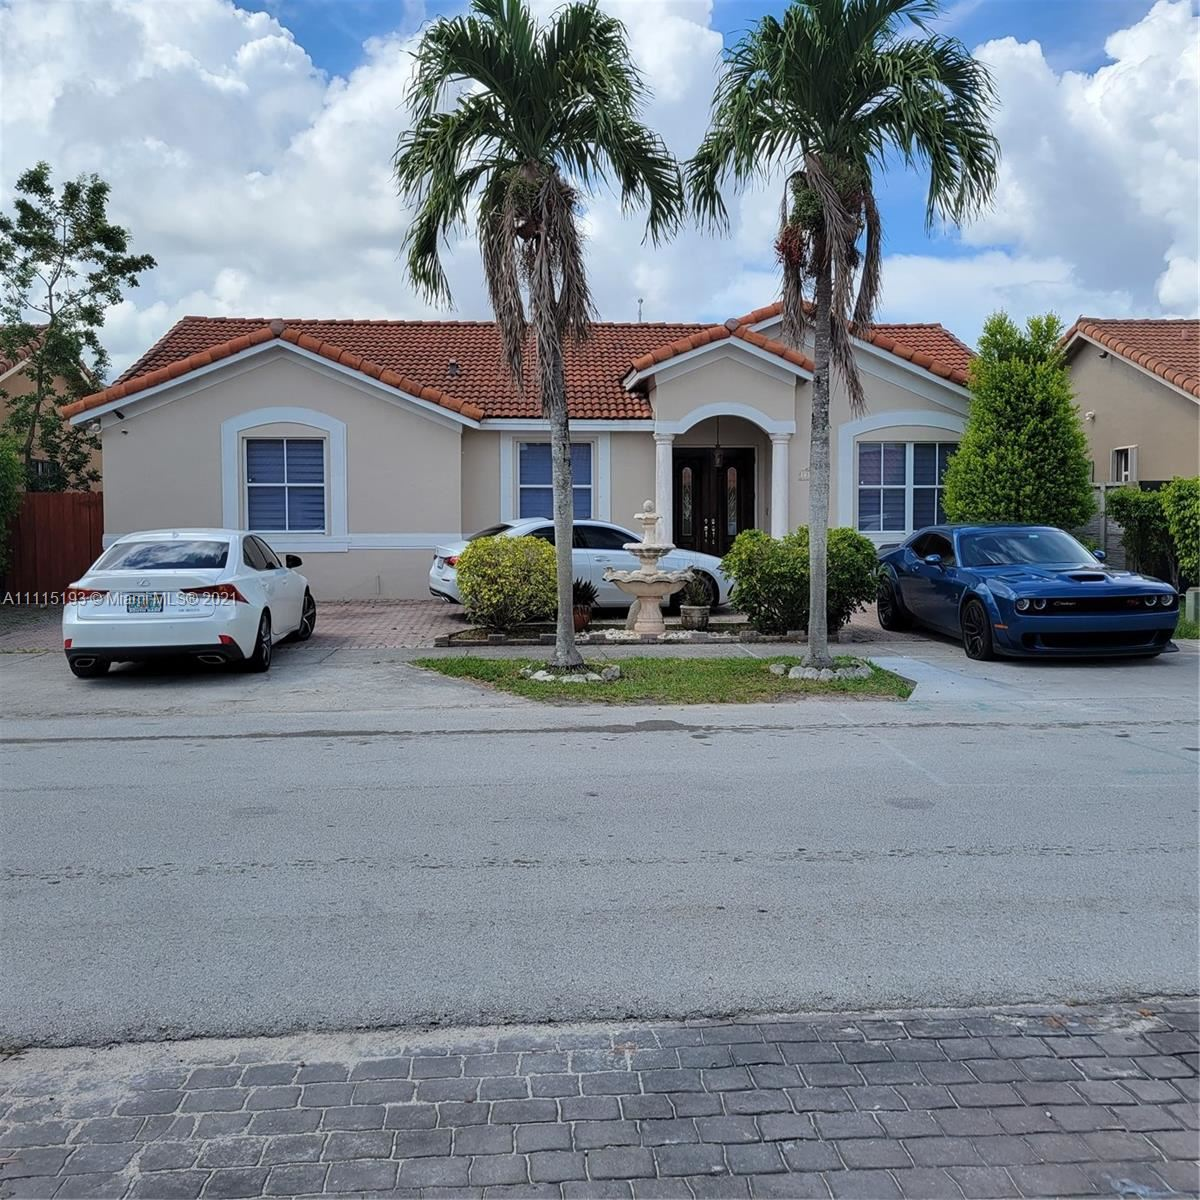 13422 SW N 6 STREET, Miami, FL 33184 - #: A11115193